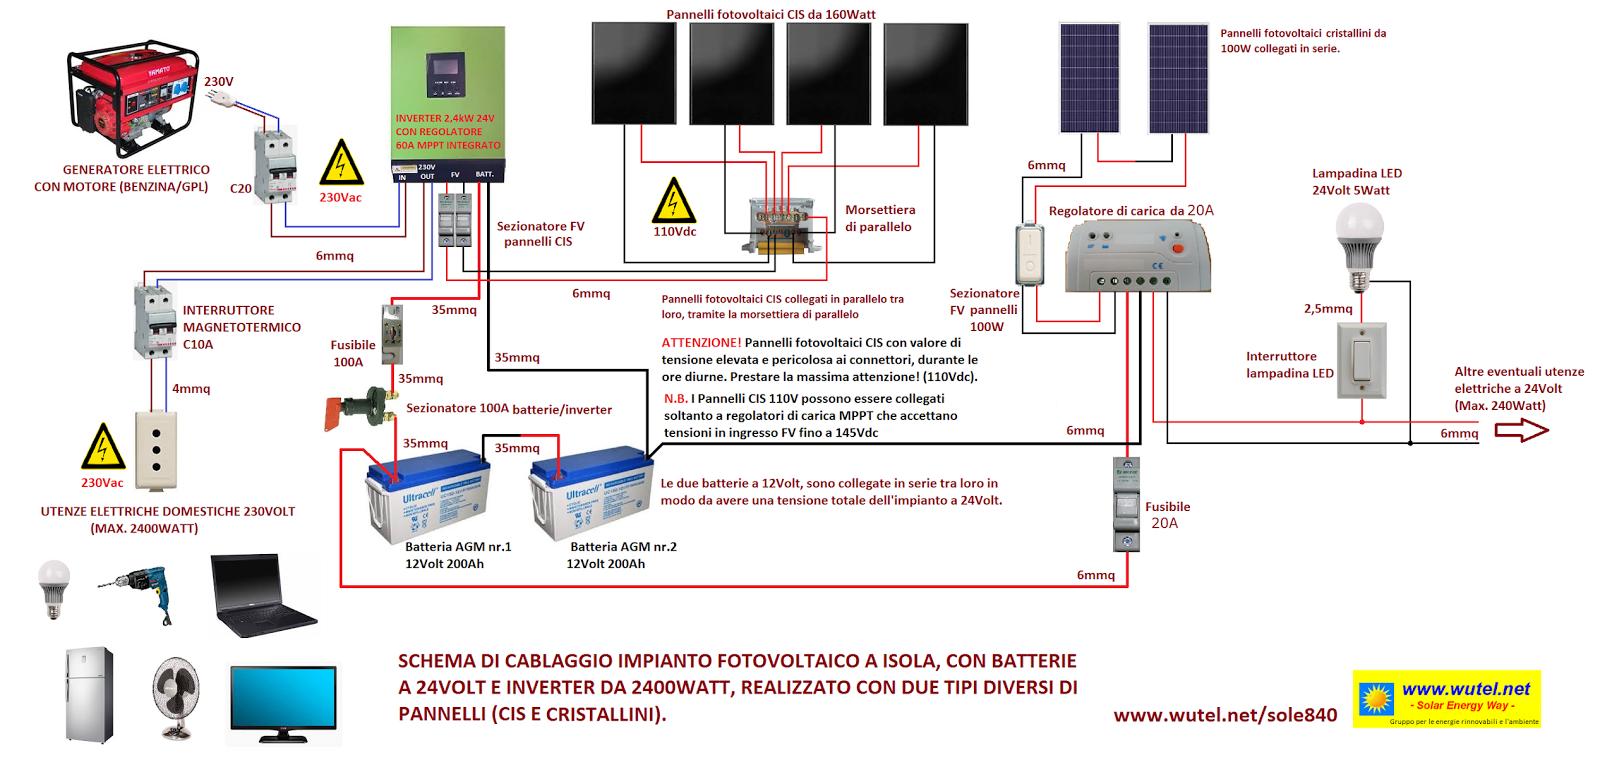 Schema Cablaggio Pannelli Fotovoltaici : Impianto fotovoltaico autonomo ad isola con pannelli